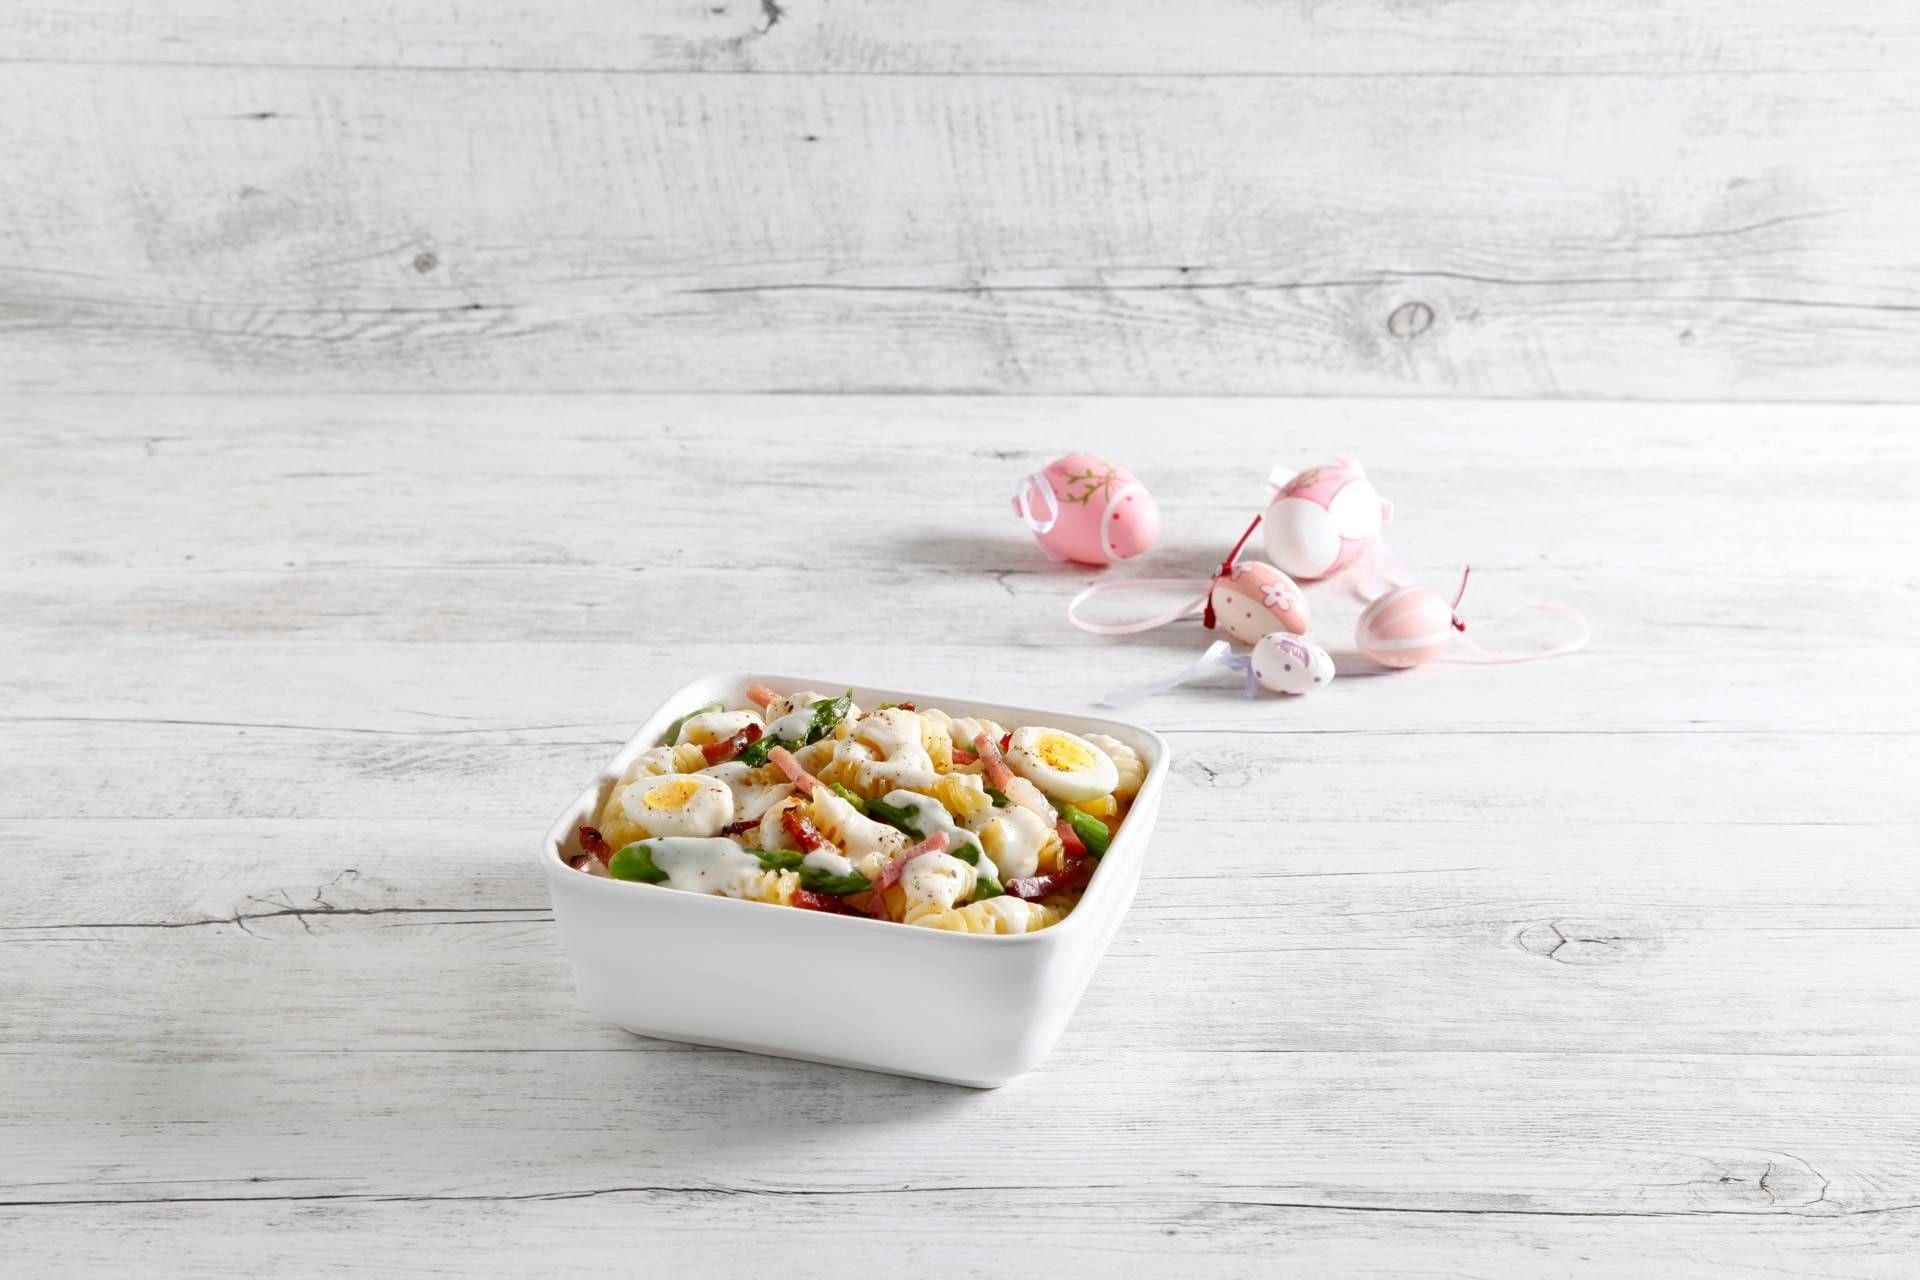 Pasta pasticciata con asparagi e uova di quaglia - Parmalat